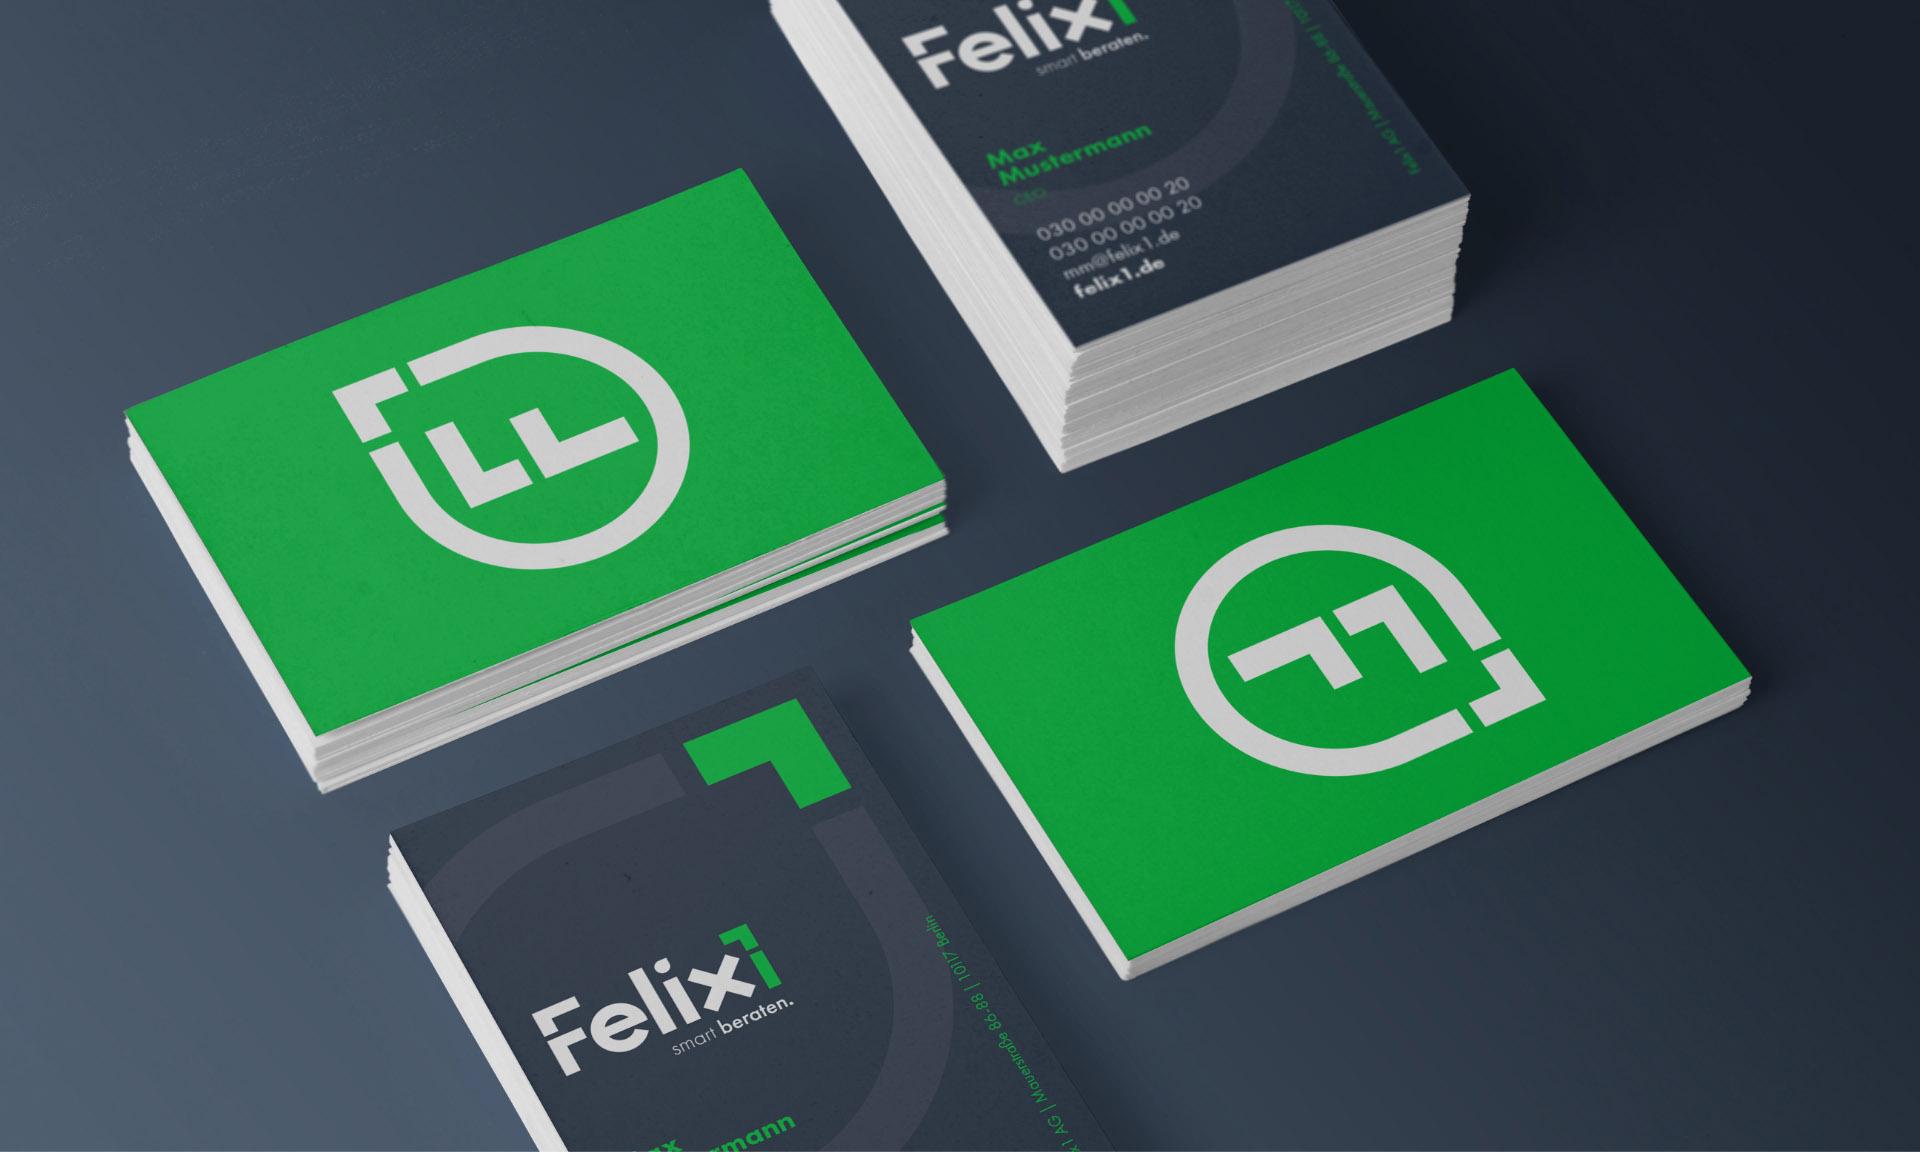 Corporate Design Beispiele für Felix1 - im Detail: Mockups für Visitenkarten.